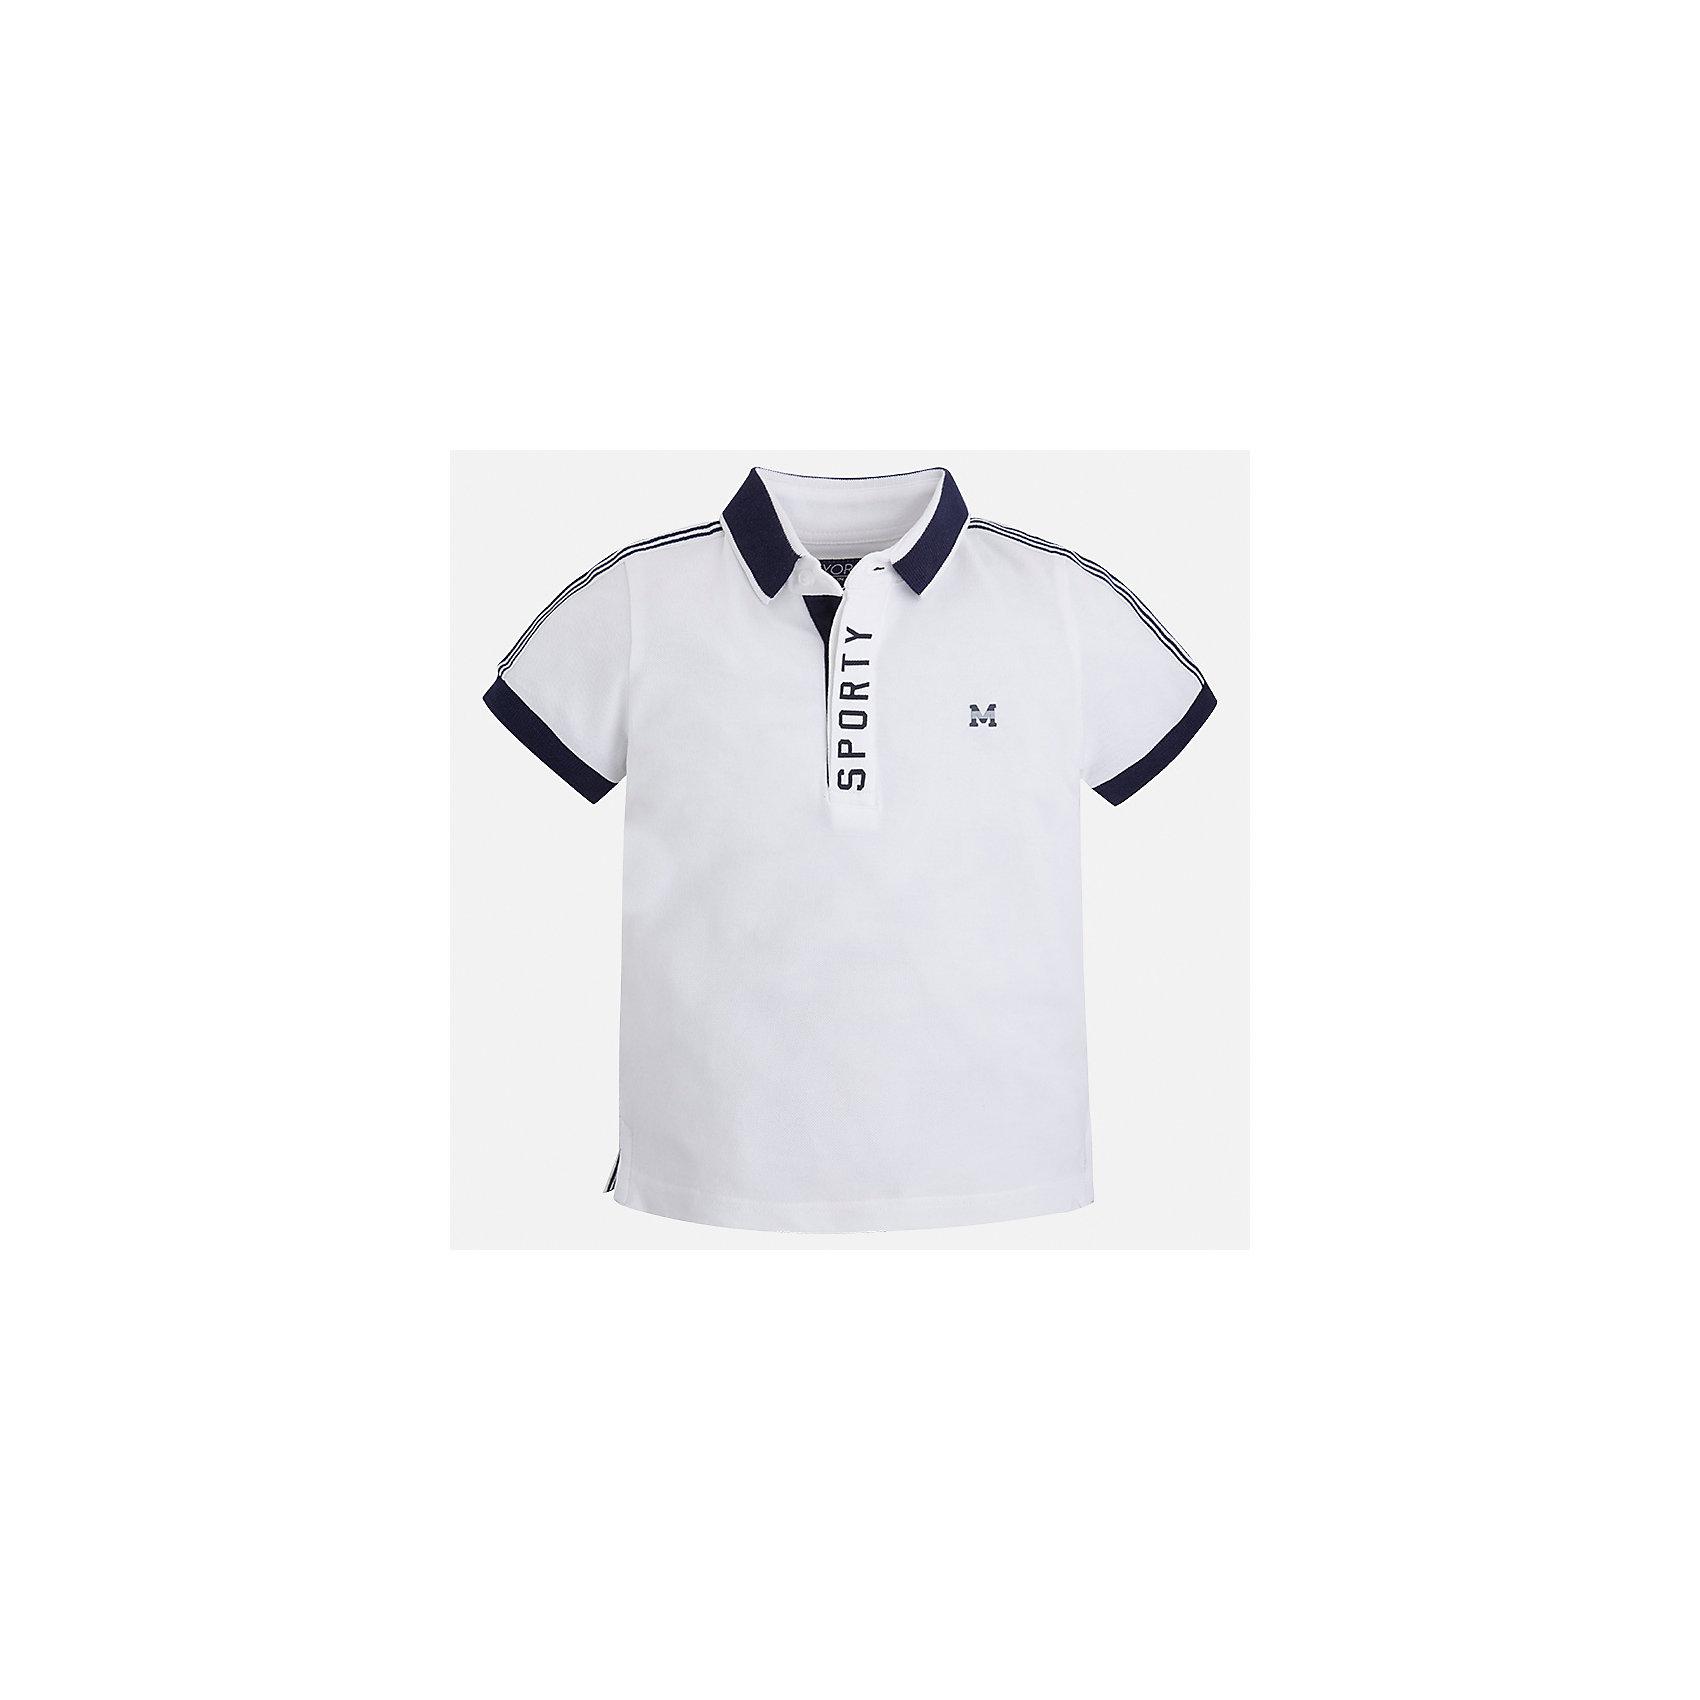 Футболка-поло для мальчика MayoralФутболки, поло и топы<br>Характеристики товара:<br><br>• цвет: белый<br>• состав: 95% хлопок, 5% эластан<br>• отложной воротник<br>• короткие рукава<br>• застежка: пуговицы<br>• декорирована принтом<br>• страна бренда: Испания<br><br>Стильная футболка-поло для мальчика может стать базовой вещью в гардеробе ребенка. Она отлично сочетается с брюками, шортами, джинсами и т.д. Универсальный крой и цвет позволяет подобрать к вещи низ разных расцветок. Практичное и стильное изделие! В составе материала - натуральный хлопок, гипоаллергенный, приятный на ощупь, дышащий.<br><br>Одежда, обувь и аксессуары от испанского бренда Mayoral полюбились детям и взрослым по всему миру. Модели этой марки - стильные и удобные. Для их производства используются только безопасные, качественные материалы и фурнитура. Порадуйте ребенка модными и красивыми вещами от Mayoral! <br><br>Футболку-поло для мальчика от испанского бренда Mayoral (Майорал) можно купить в нашем интернет-магазине.<br><br>Ширина мм: 230<br>Глубина мм: 40<br>Высота мм: 220<br>Вес г: 250<br>Цвет: белый<br>Возраст от месяцев: 96<br>Возраст до месяцев: 108<br>Пол: Мужской<br>Возраст: Детский<br>Размер: 134,122,116,110,104,98,92,128<br>SKU: 5272054